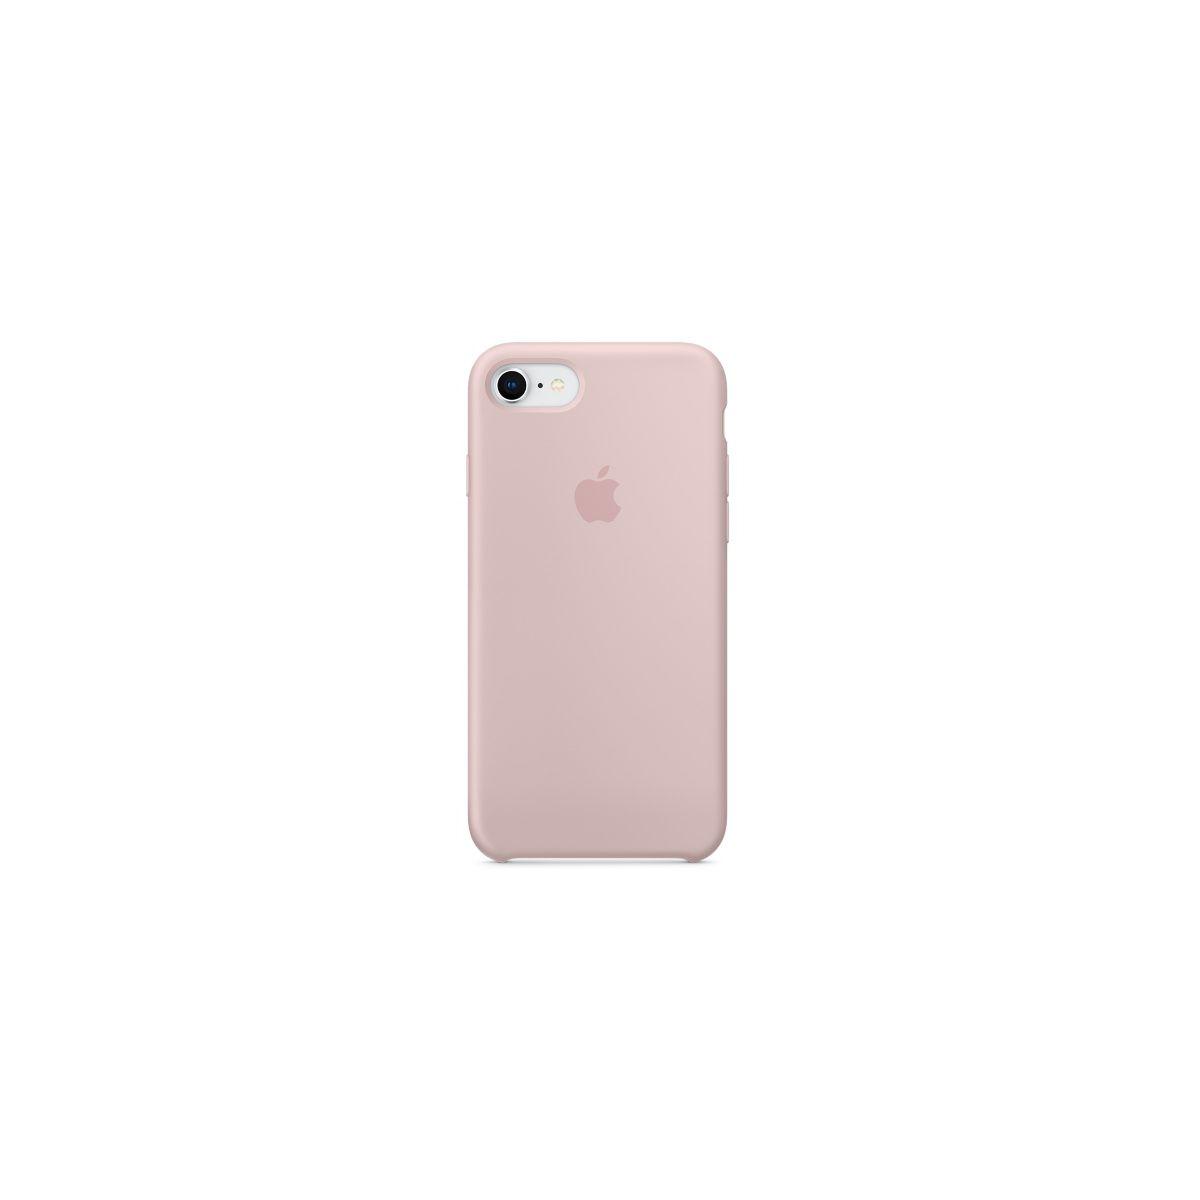 Coque APPLE iPhone 7/8 silicone rose des (photo)